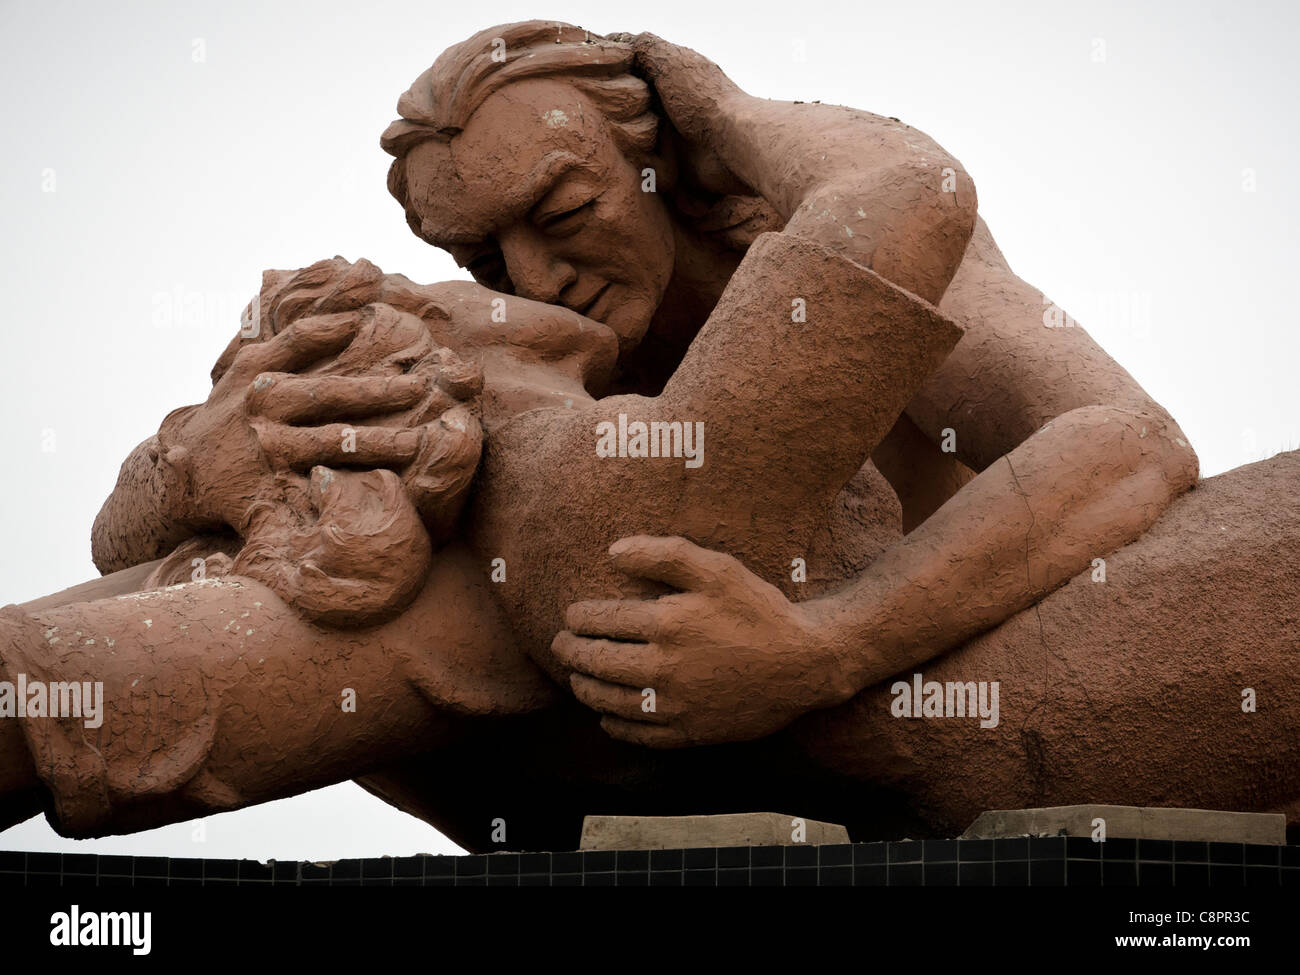 Il bacio (El Beso) statua amore Park (Parque del amor) in Miraflores Lima Peru Immagini Stock